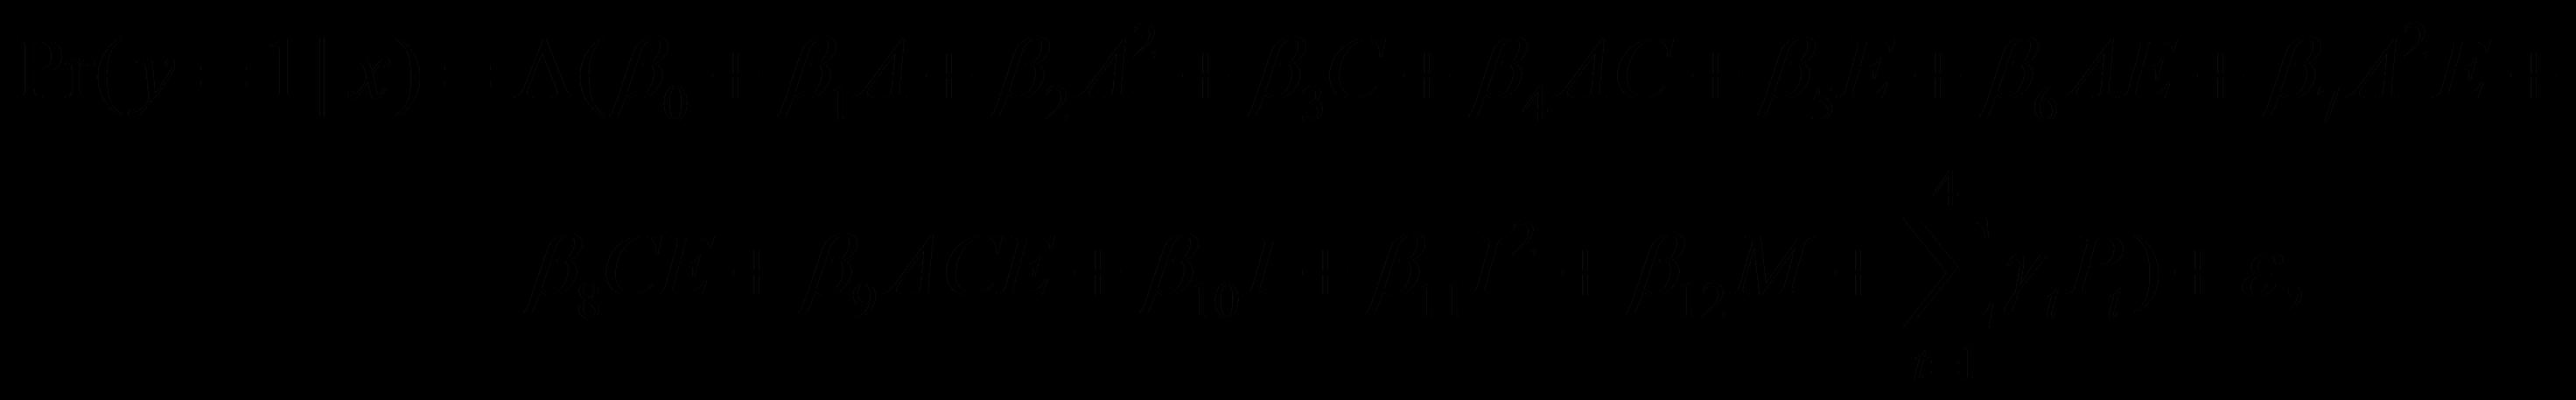 bmi ligning